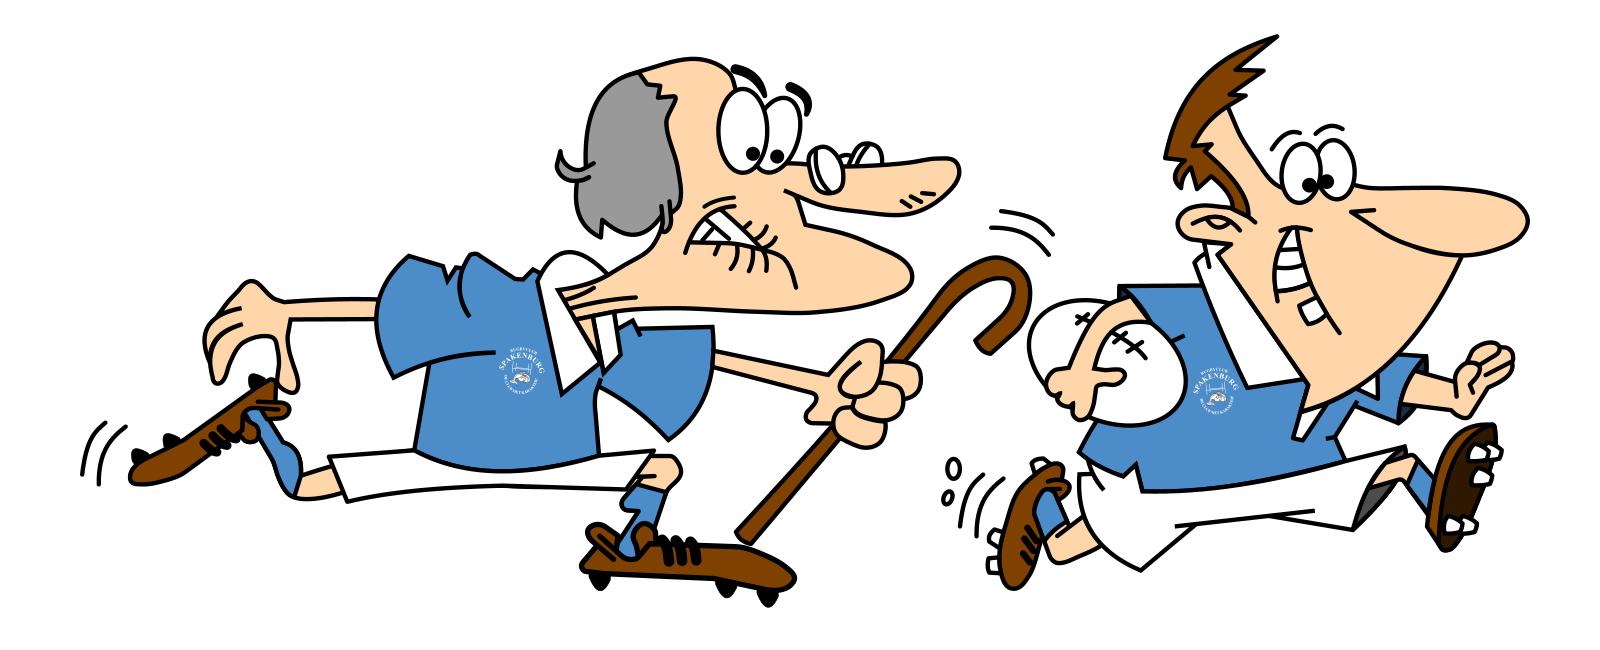 Oud vs Jong - logo